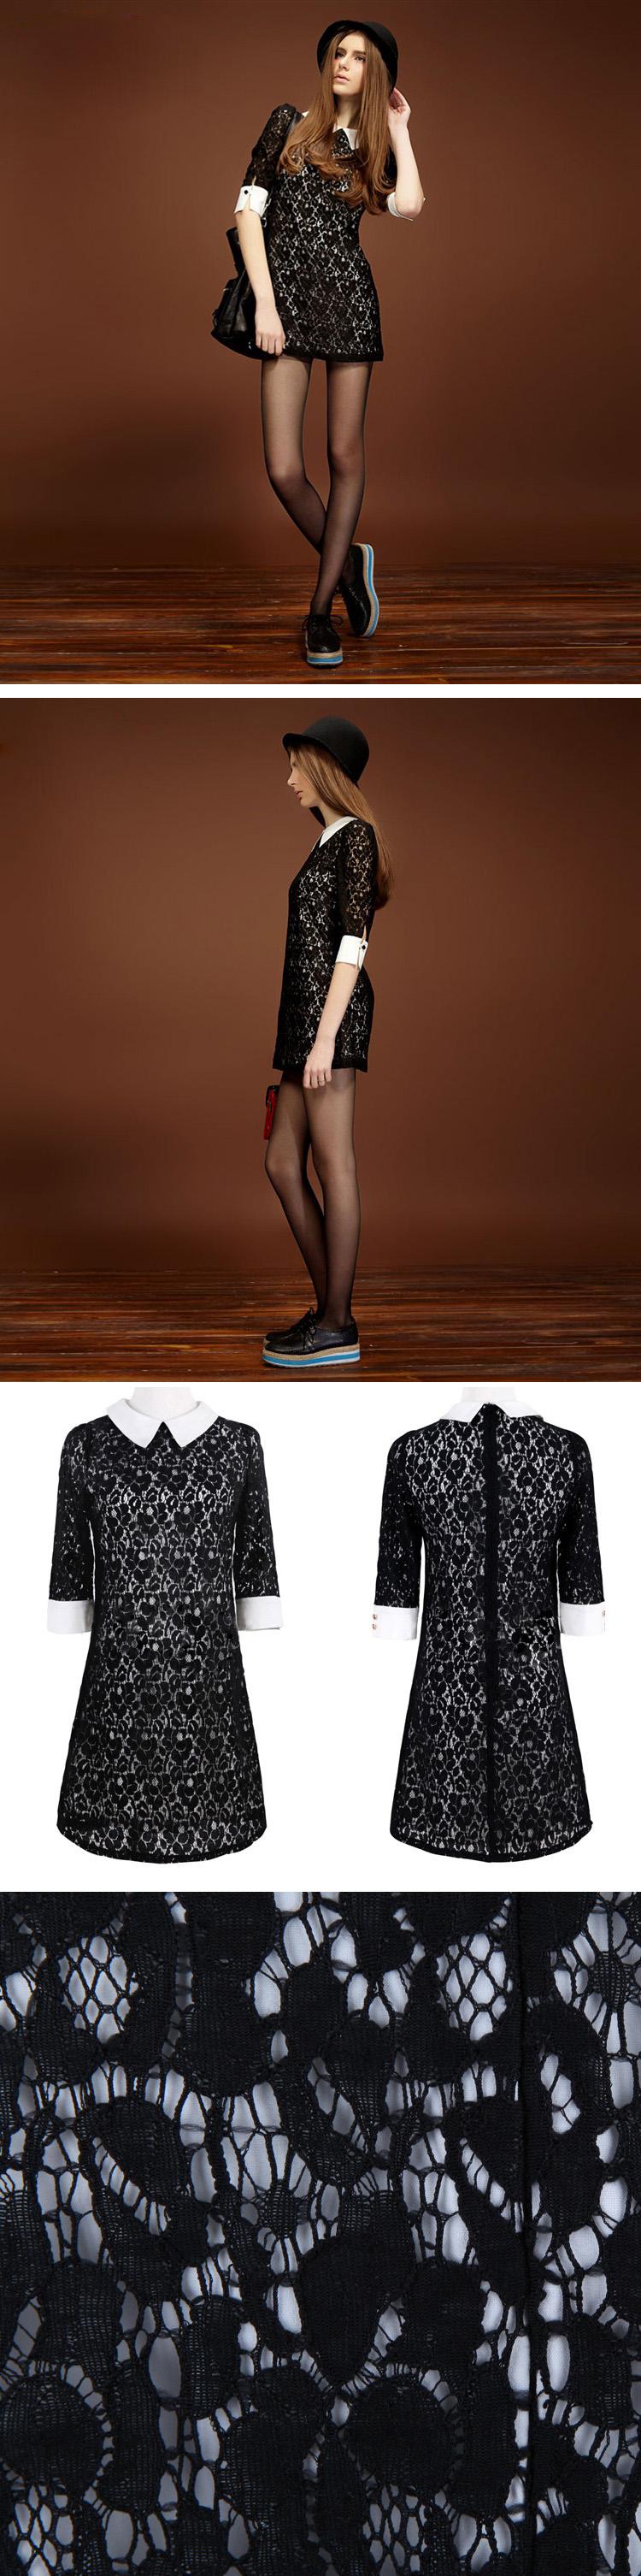 Retro Court Black Lace Hollow Dress$52